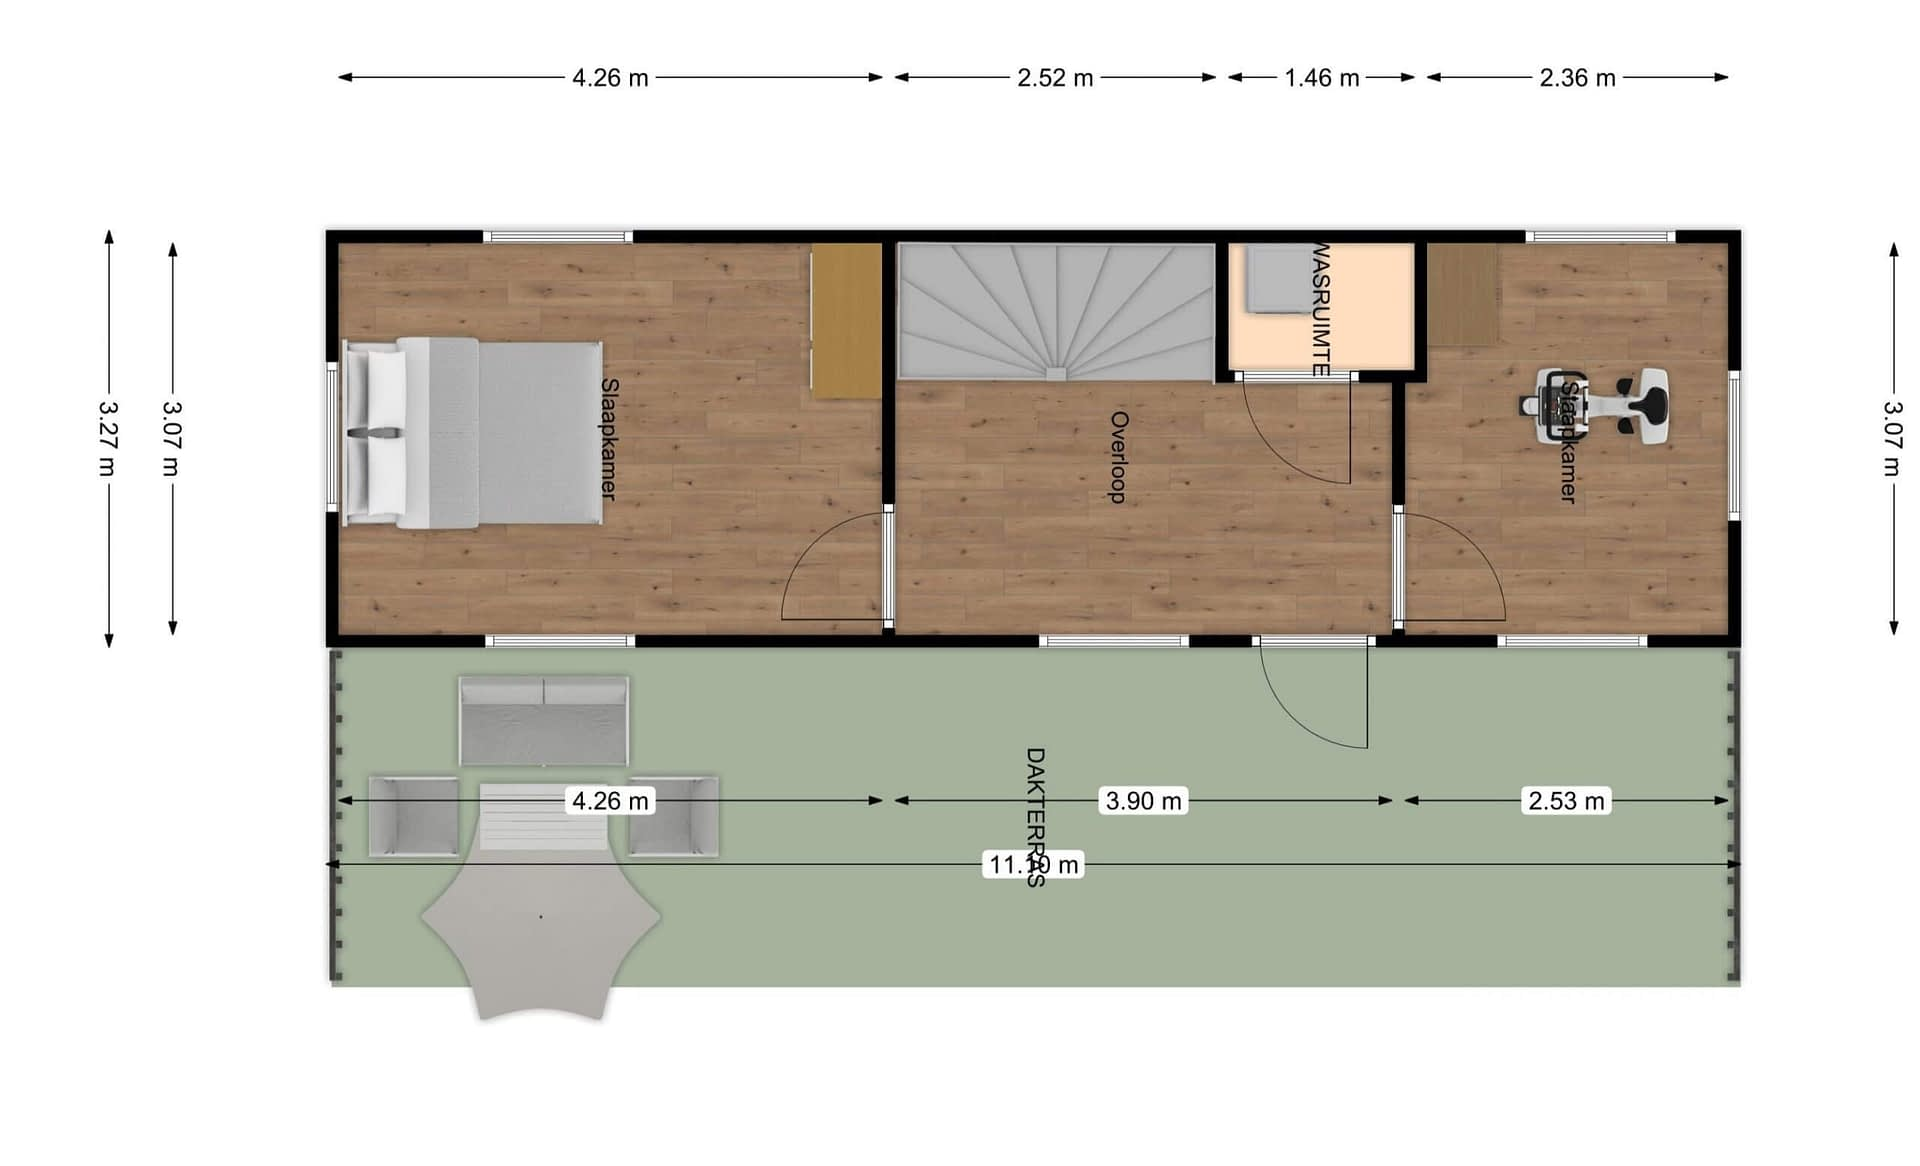 2e etage